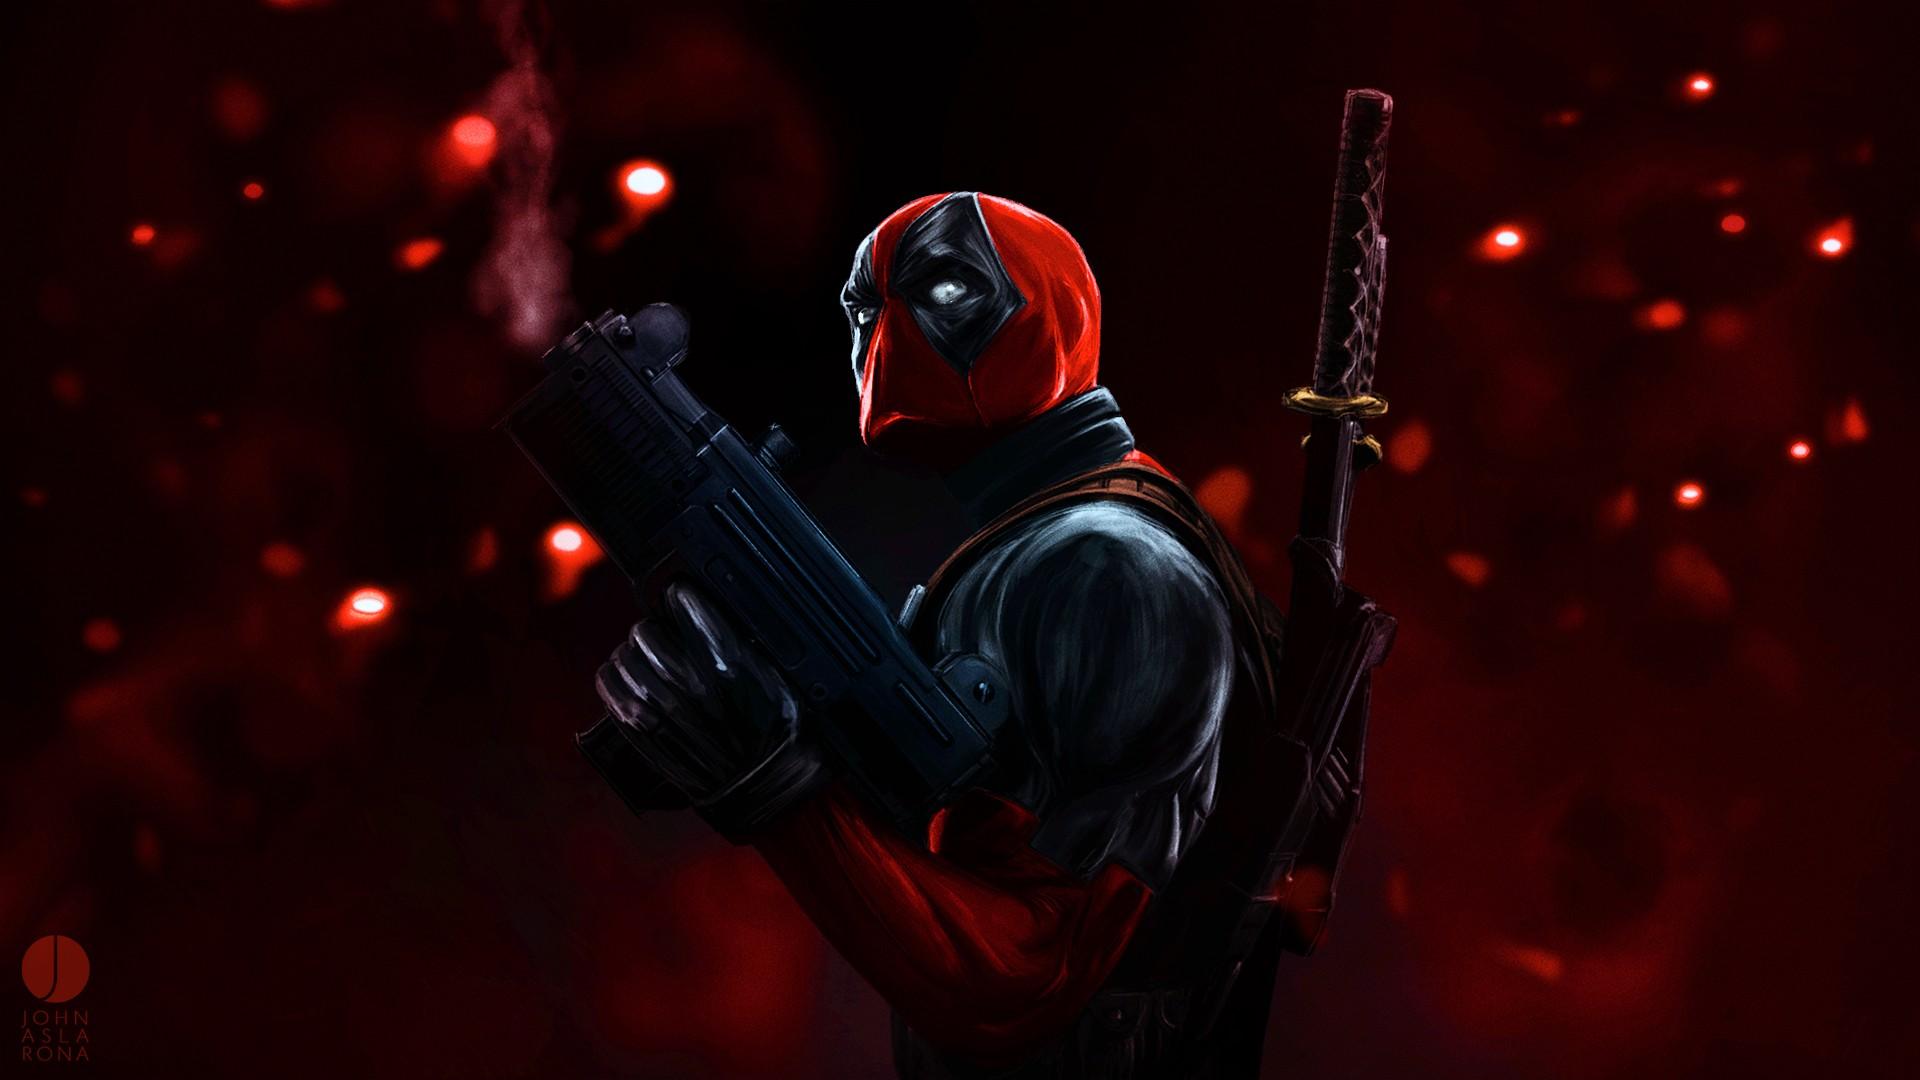 Comics deadpool wade wilson artwork marvel comics - Deadpool download 1080p ...